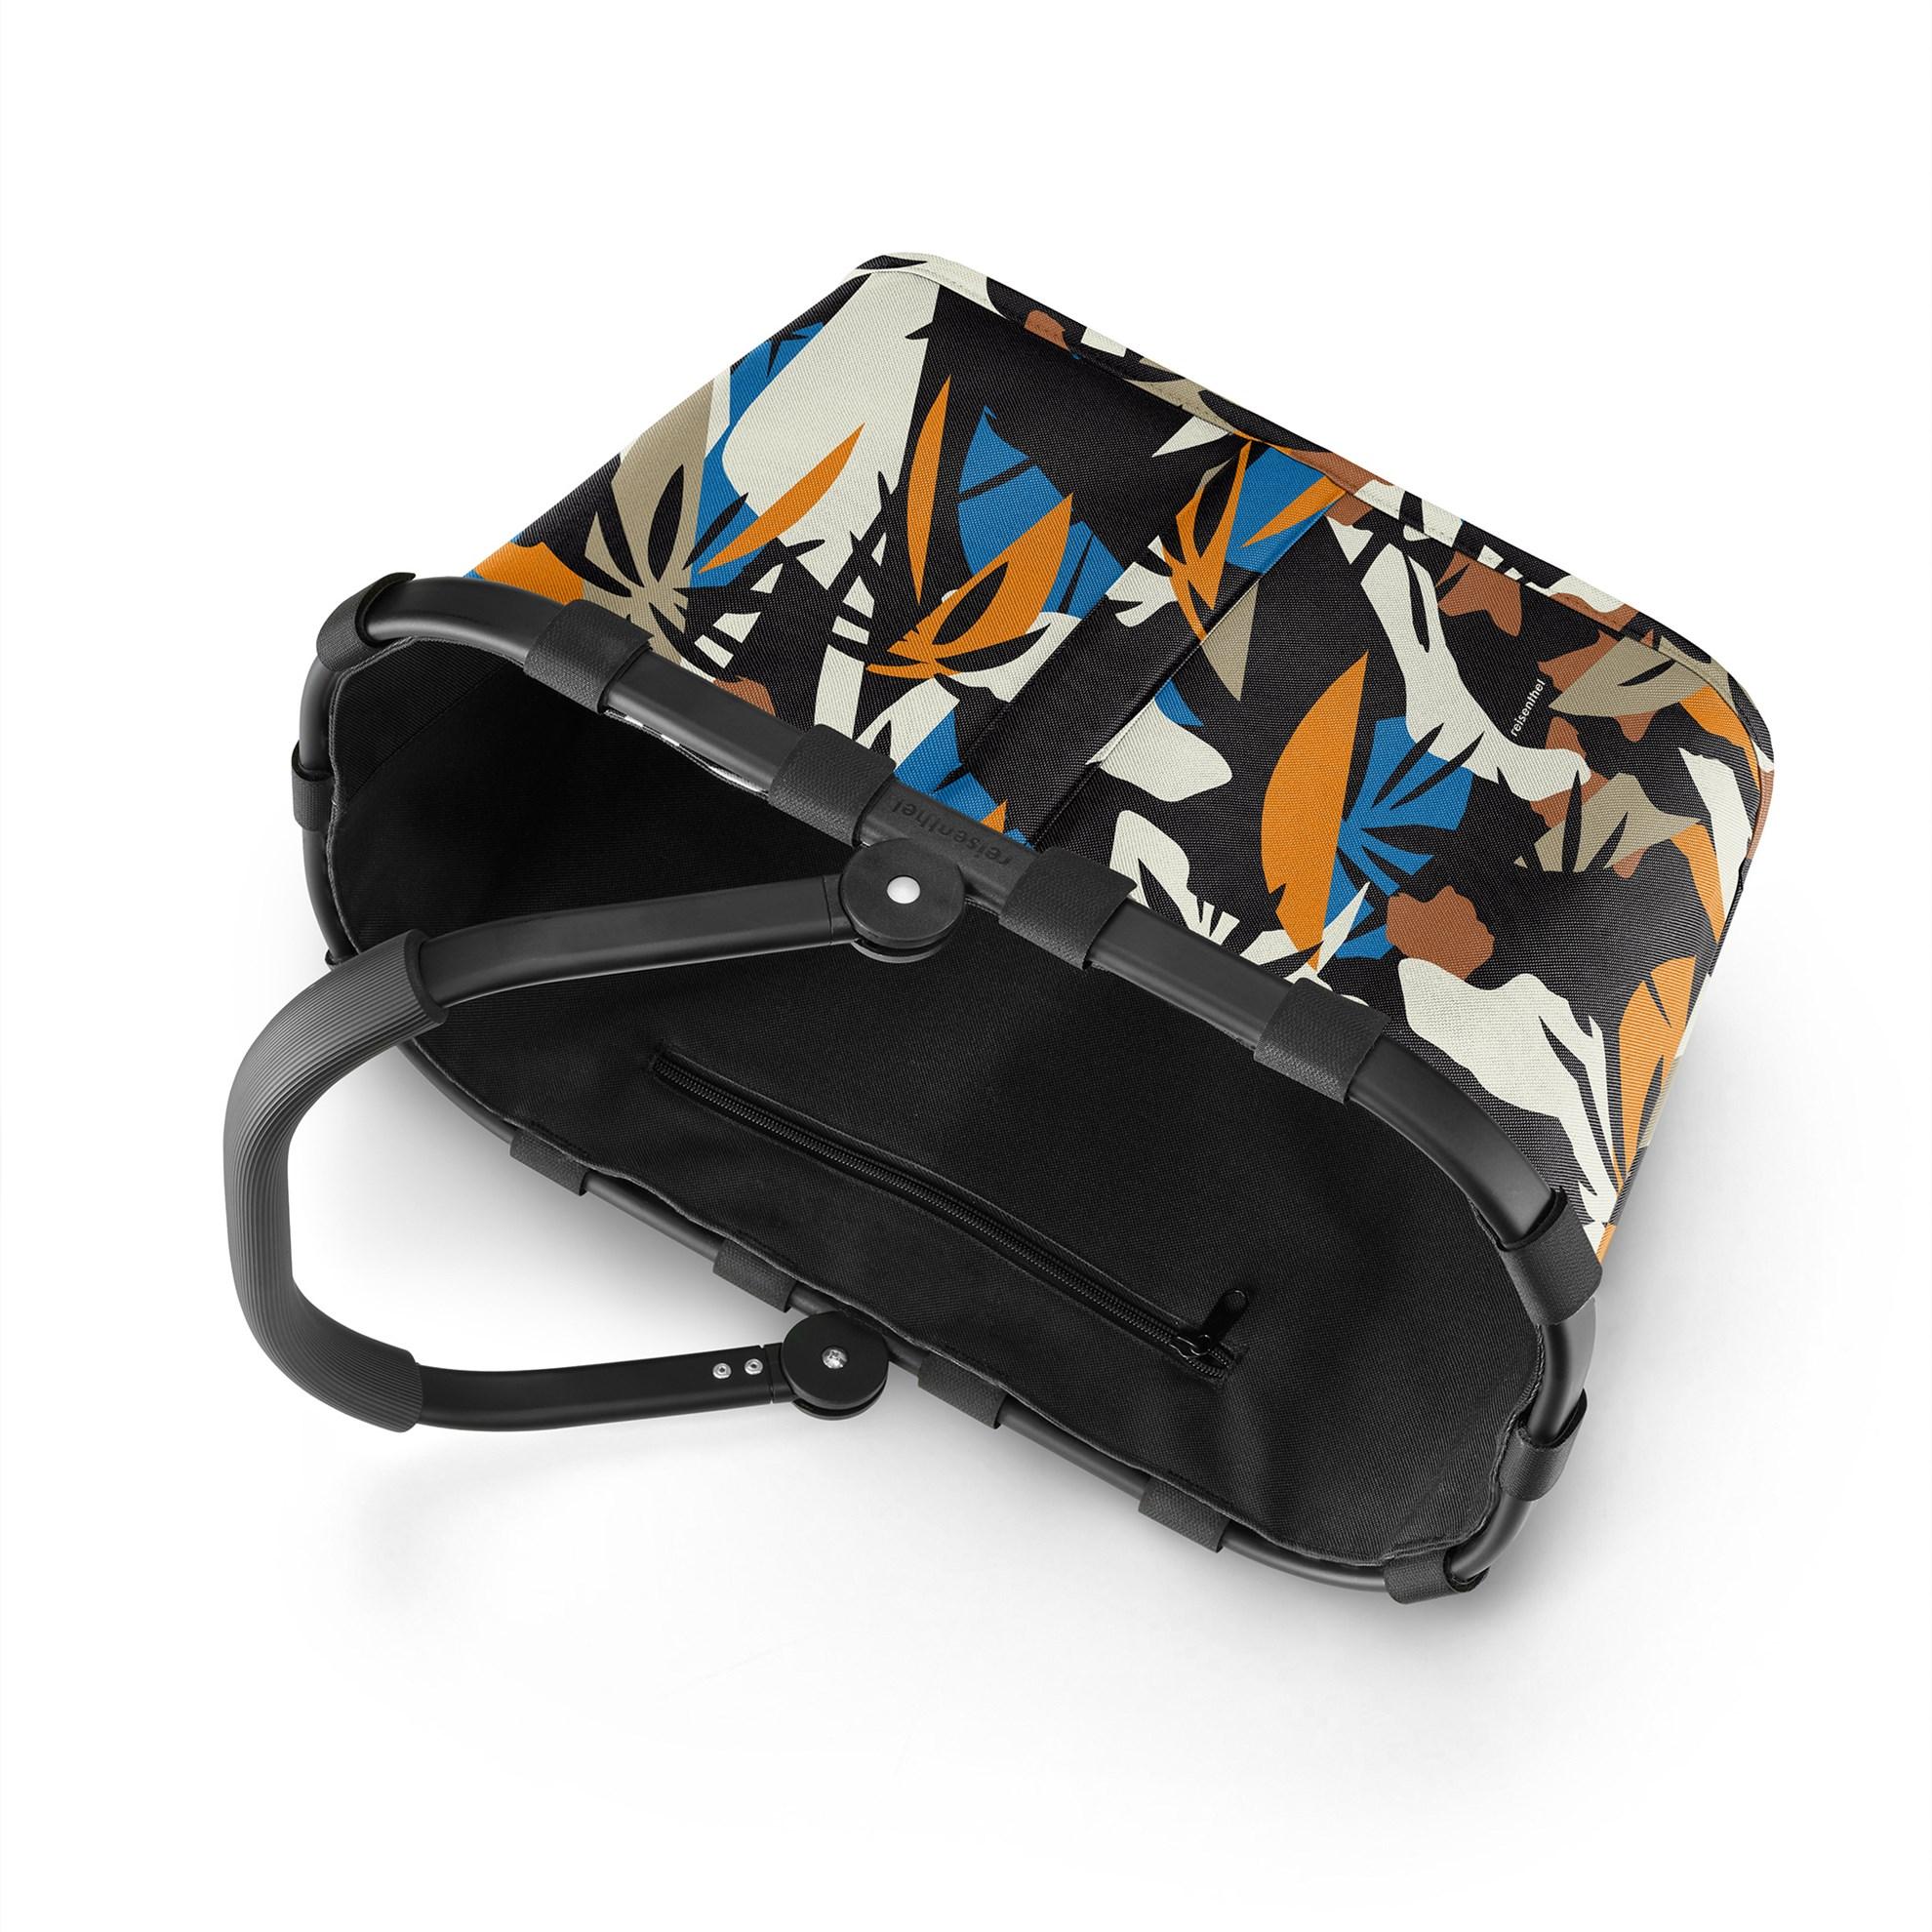 Nákupní košík Carrybag frame miami black_1